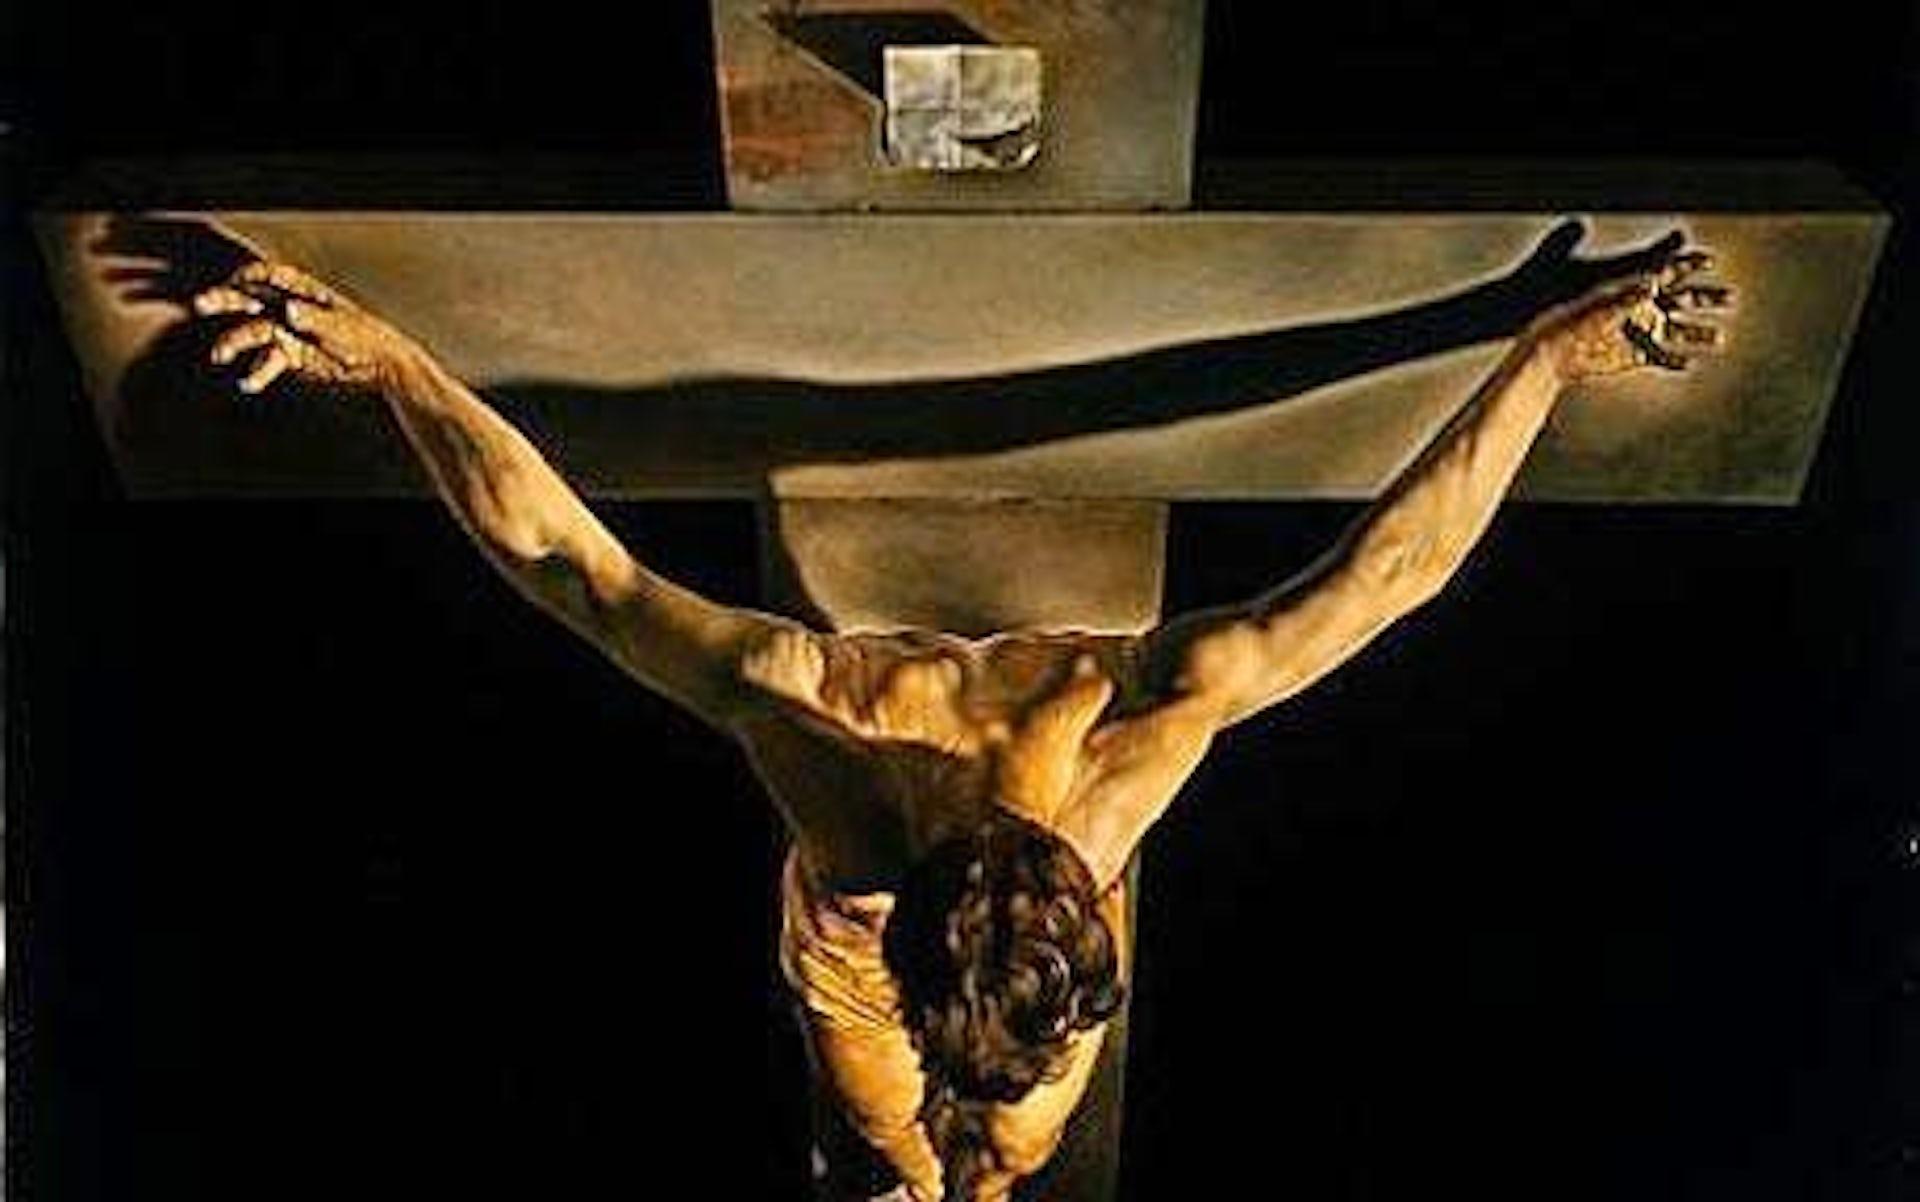 Jésus Christ a-t-il été crucifié pour des raisons politiques ? – Virginie  Jeanjacquot